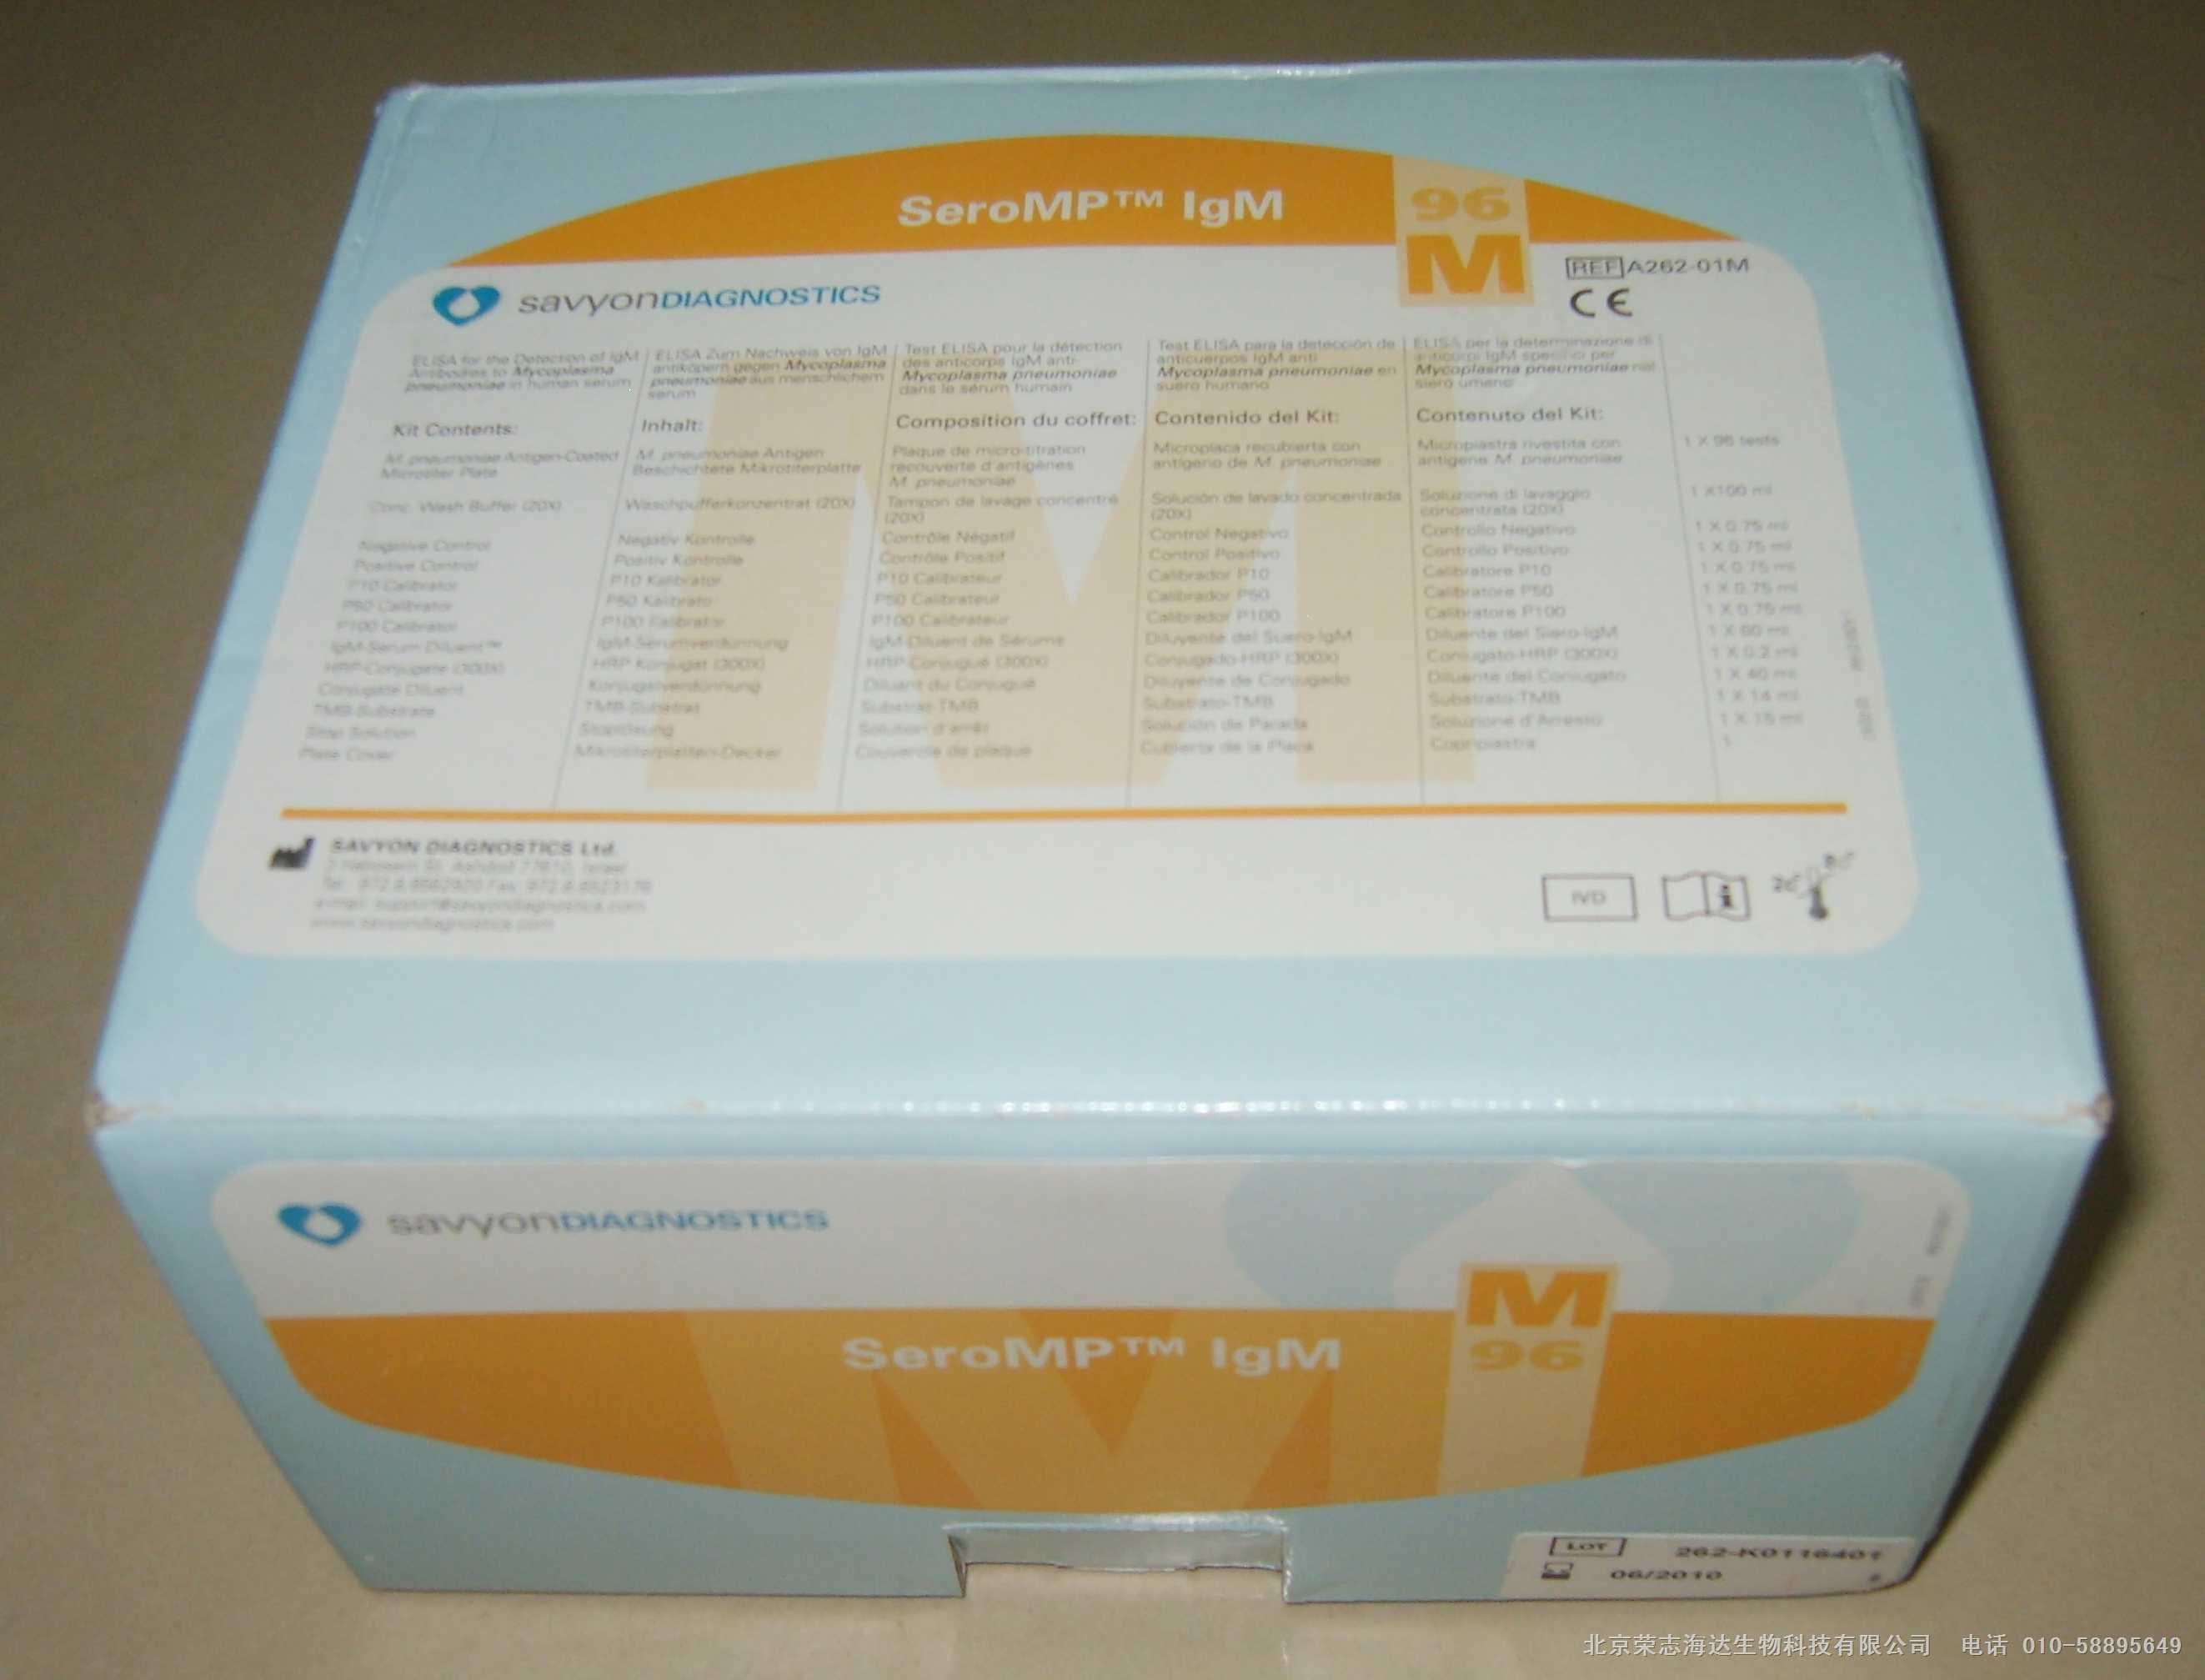 锁链素(DES)检测试剂盒